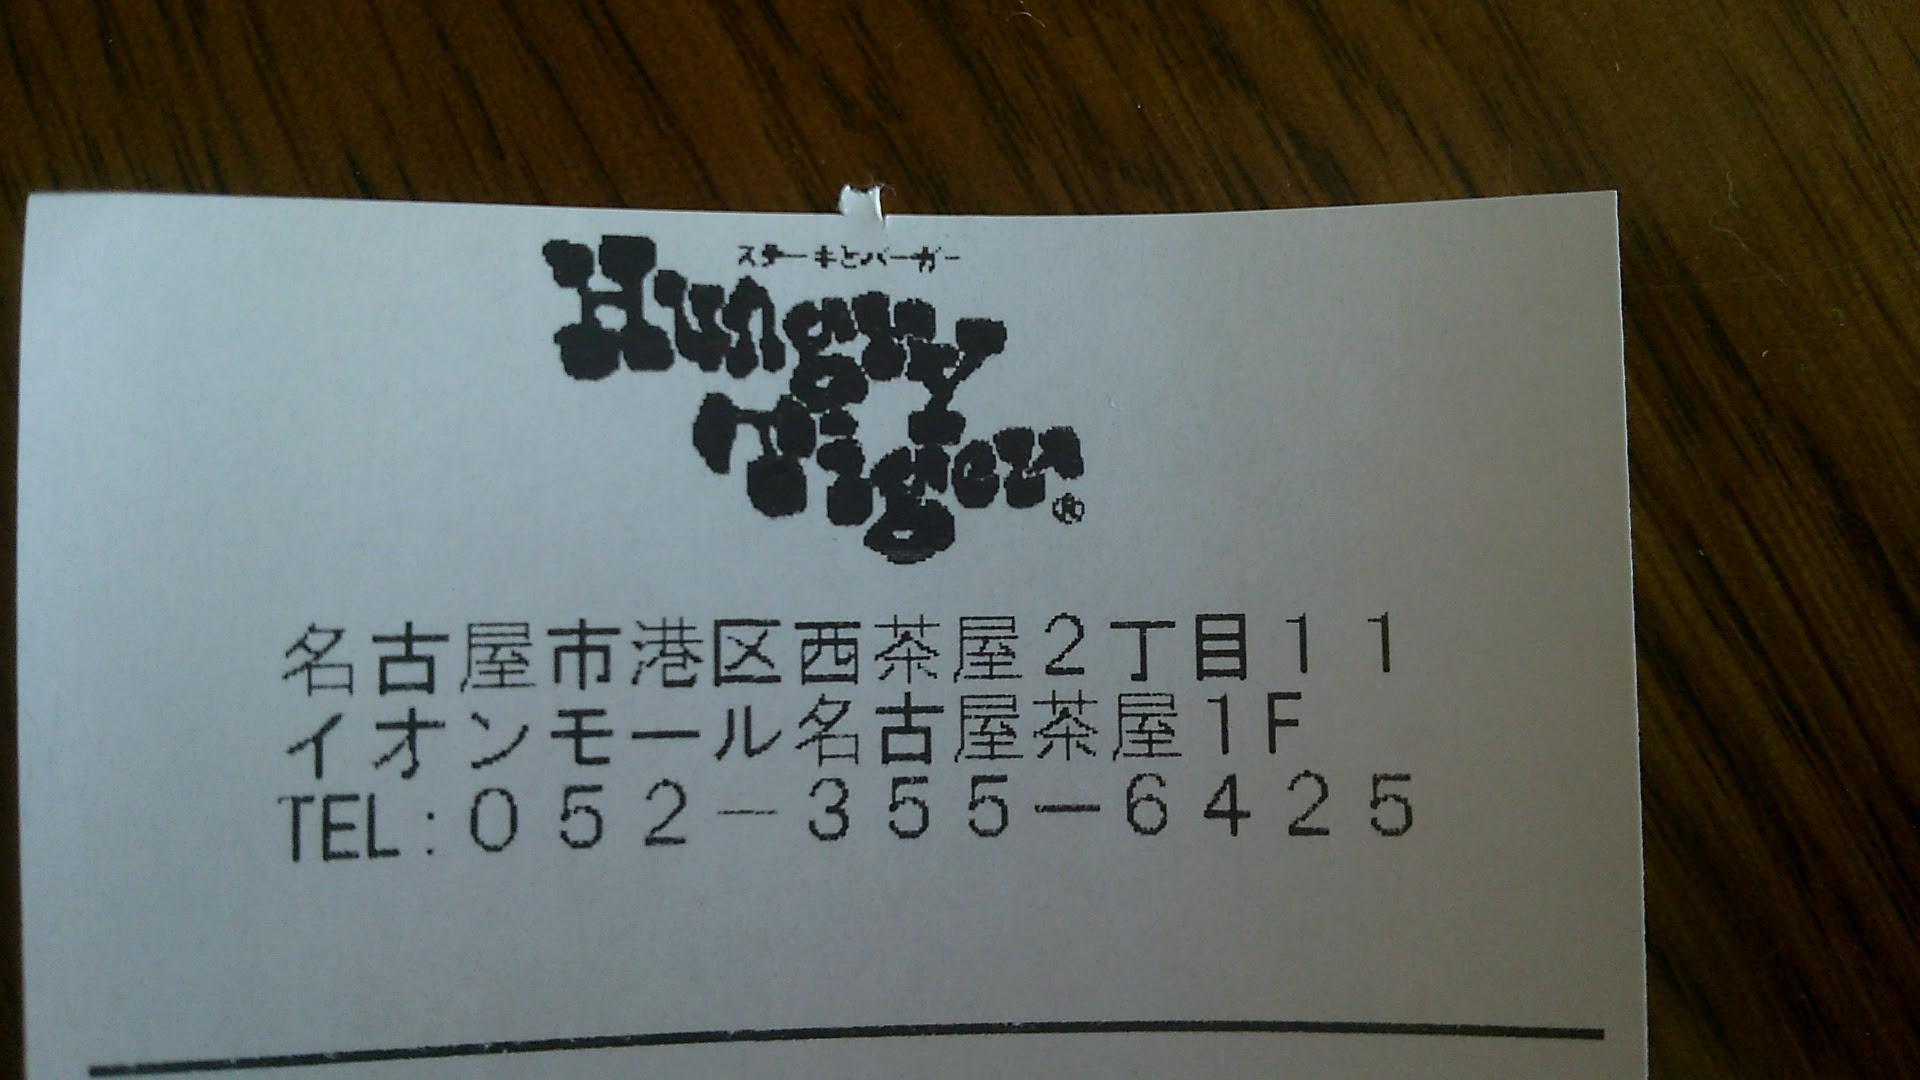 【レビュー】名古屋市港区 ハングリータイガーイオンモール名古屋茶屋店に行ってきた